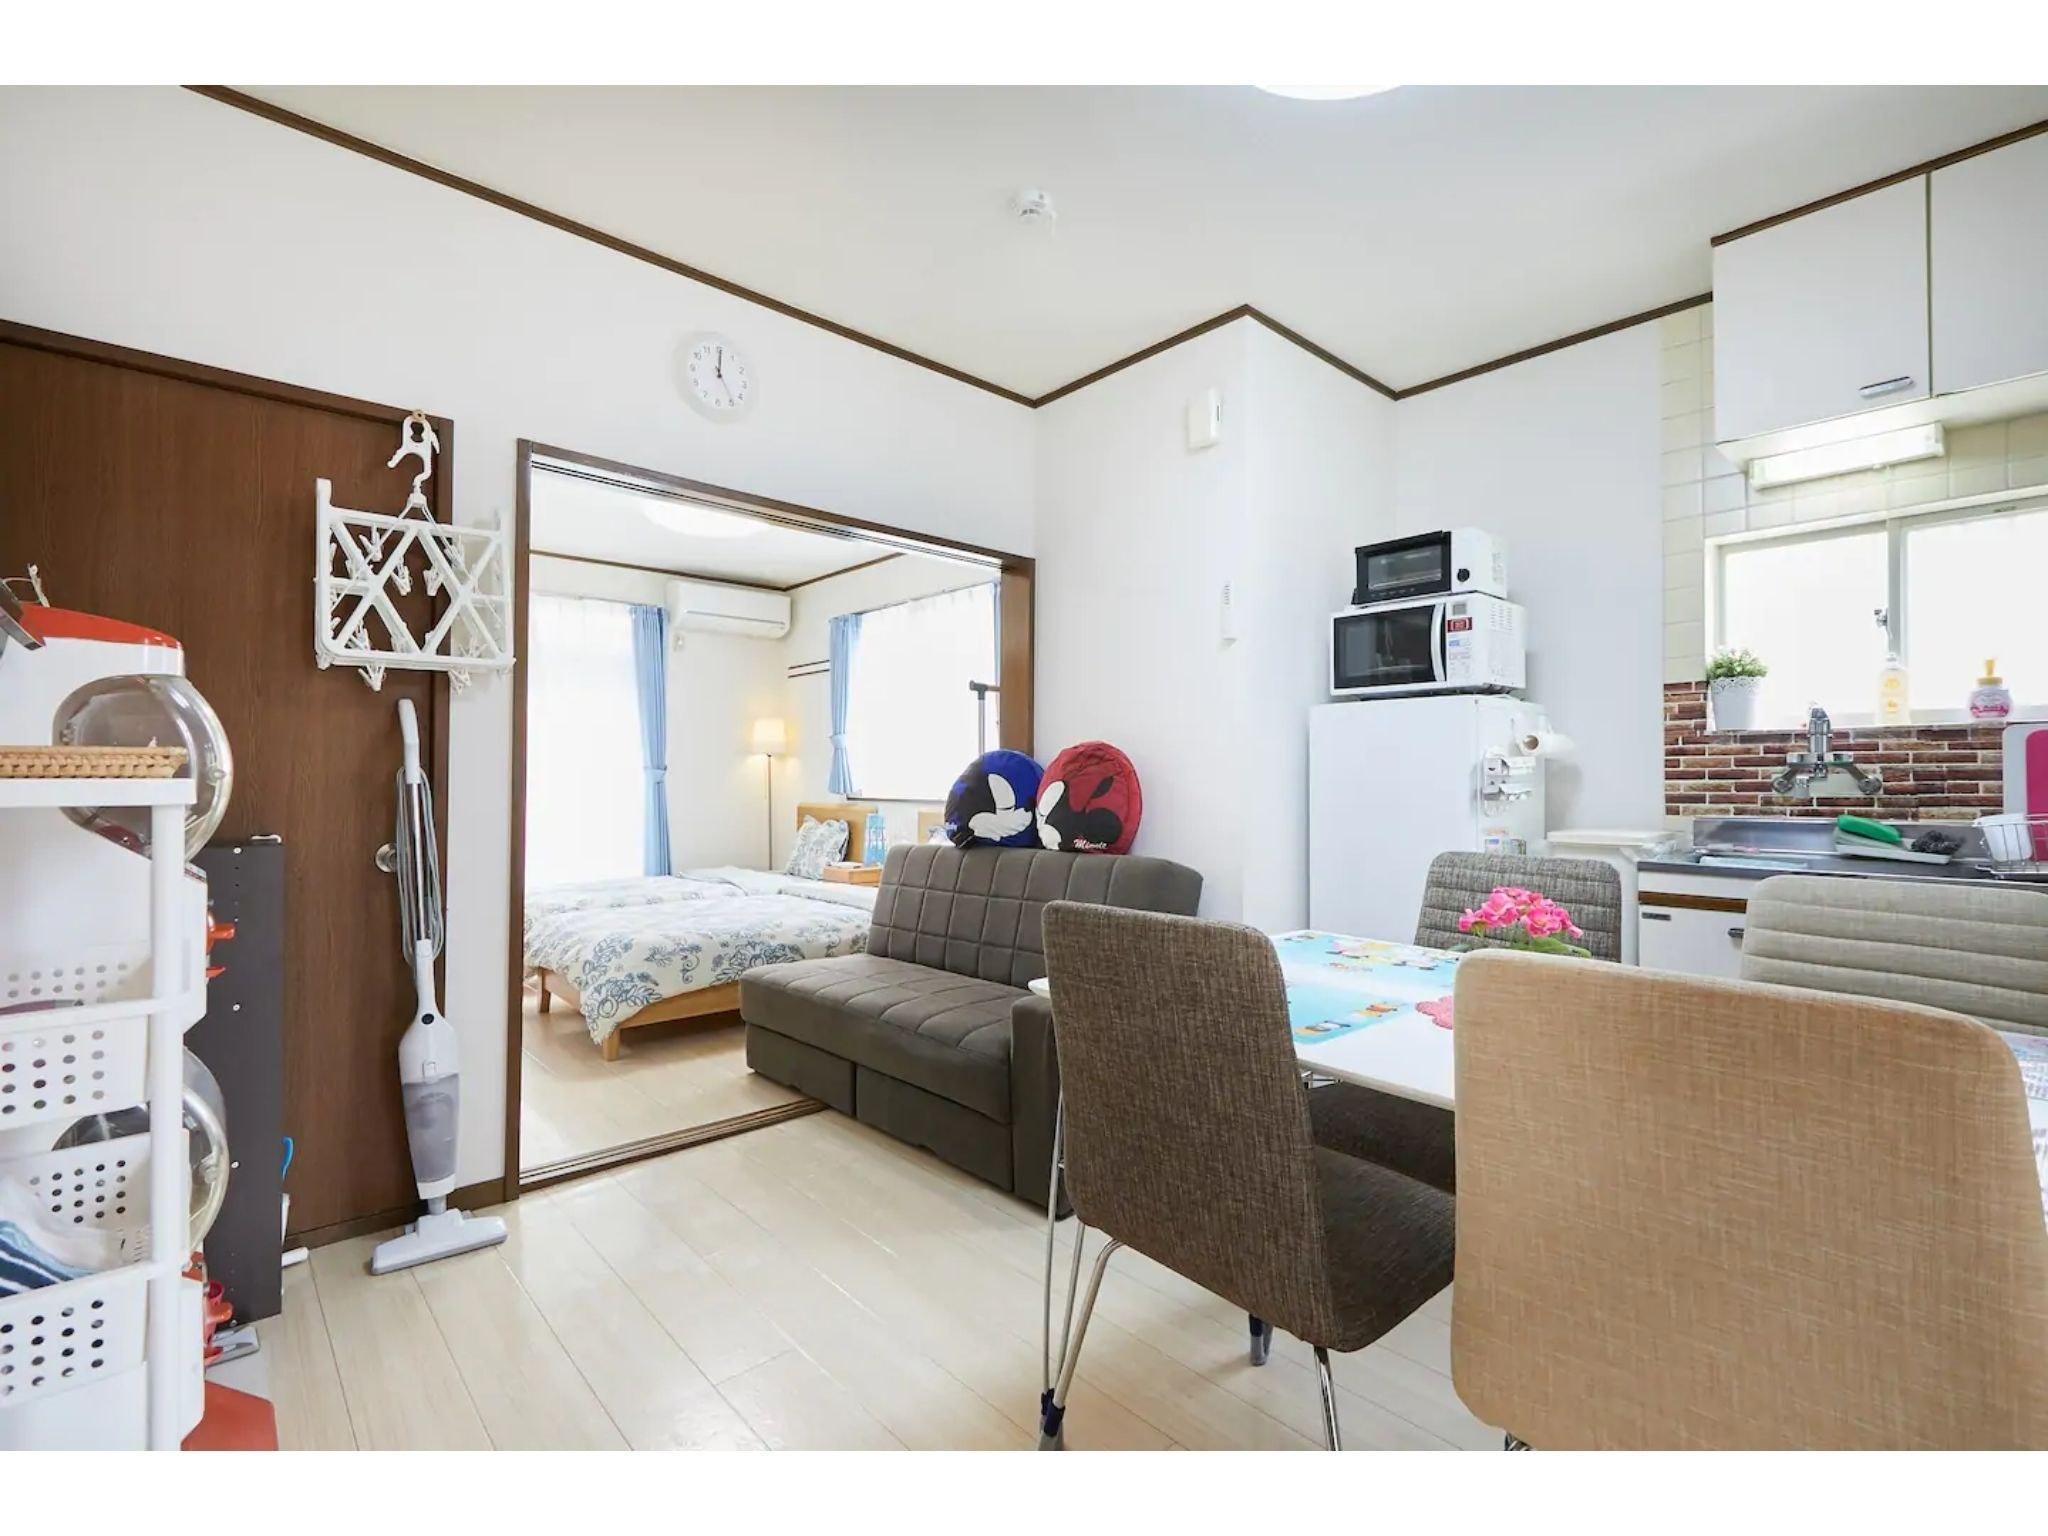 ディズニーリゾートまで1駅の好立地! 閑静な住宅街で寛ぎの空間をお過ごし下さい。最大6名宿泊可